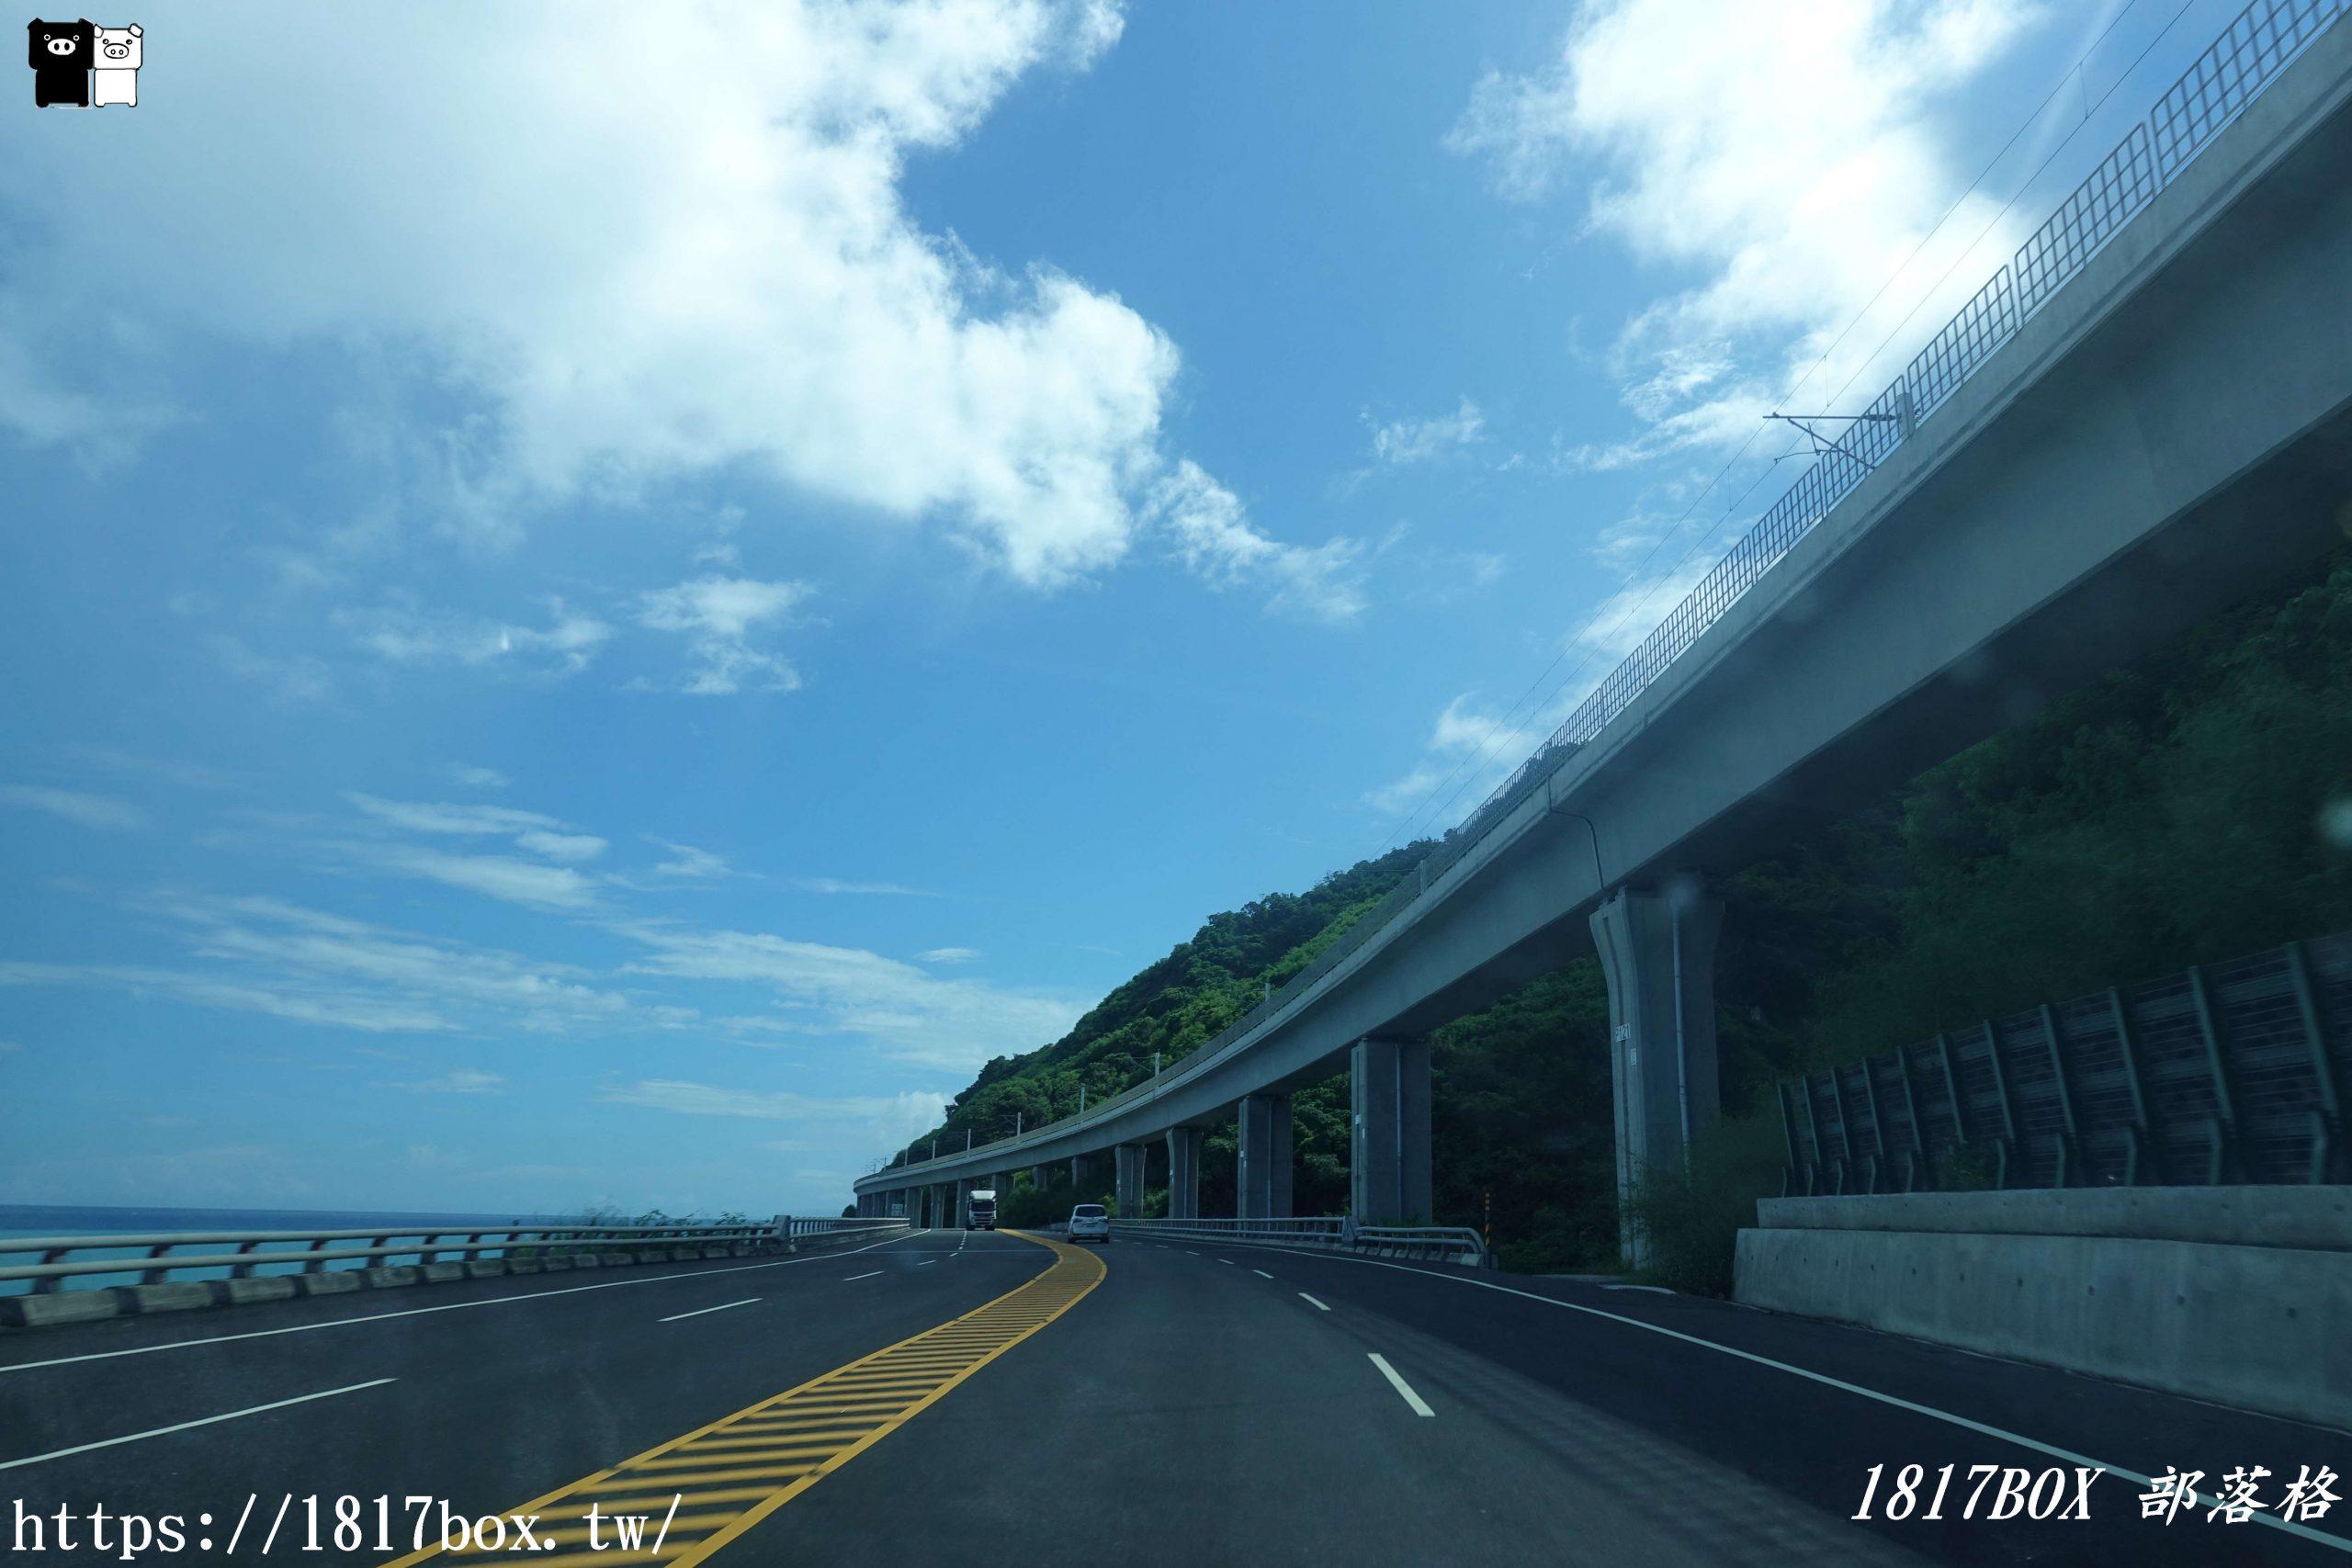 【台東。太麻里】金崙大橋。全台最美高架橋。無敵海景引人入勝 @1817BOX部落格